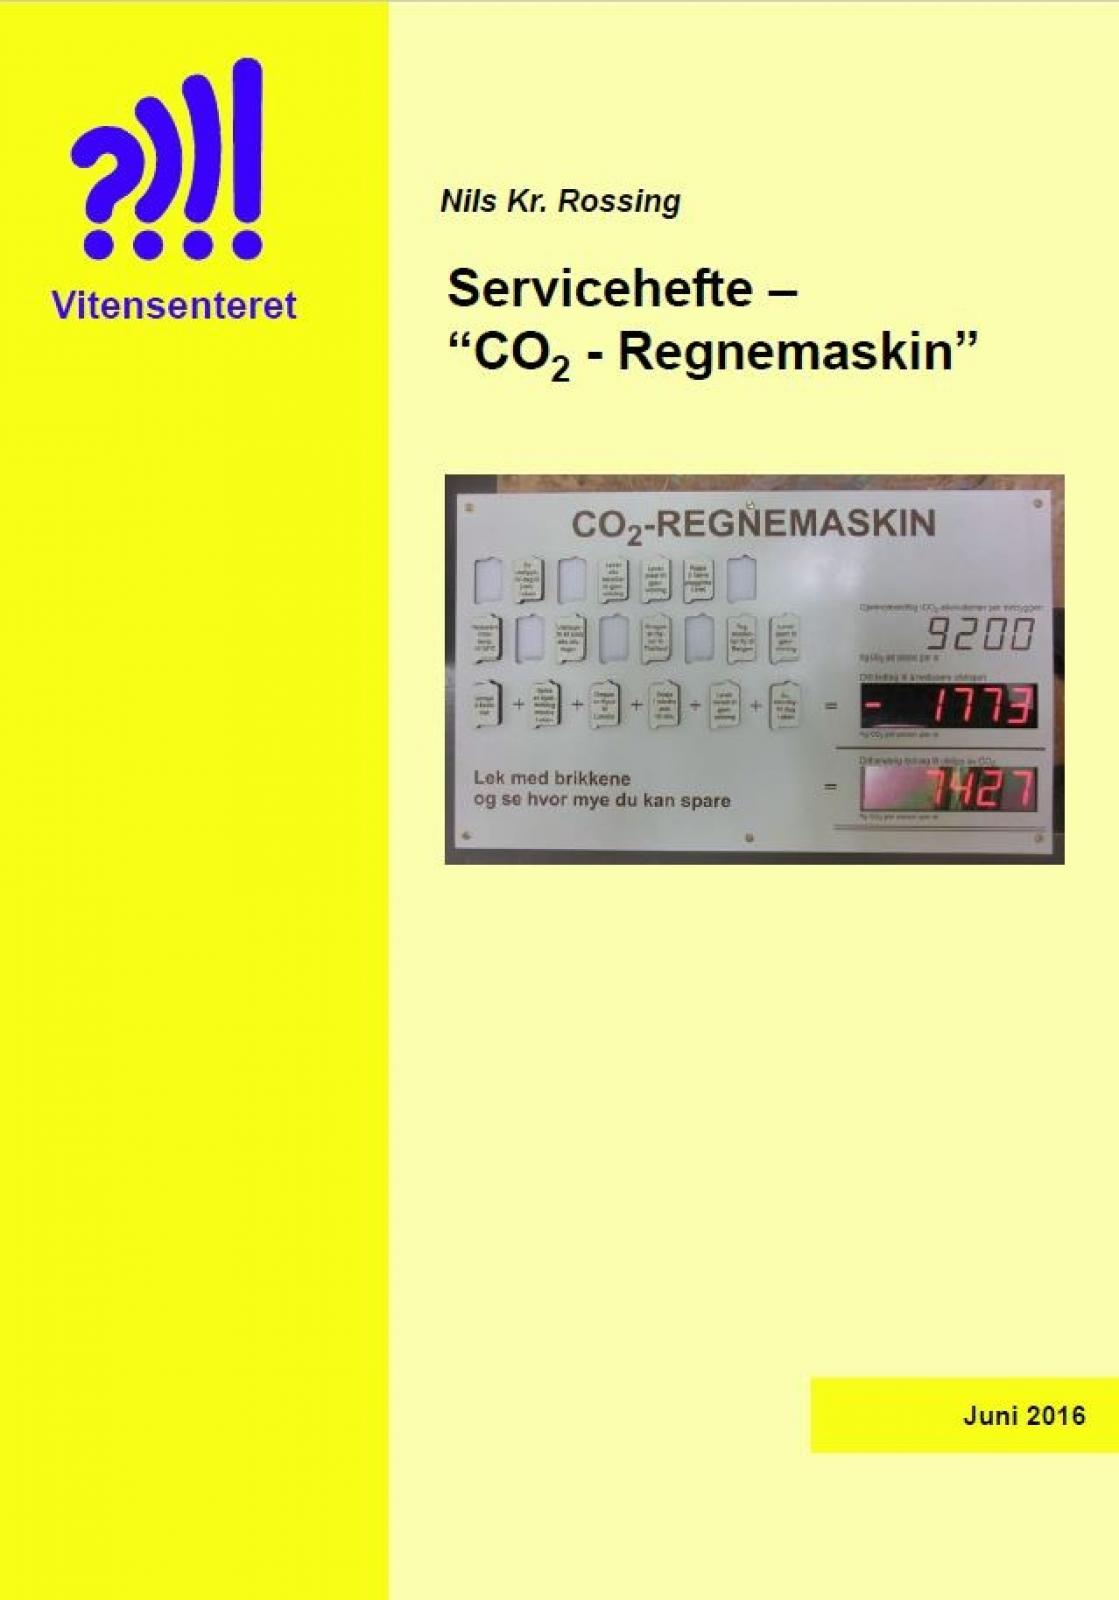 Servicehefte – CO2 - Regnemaskin forside